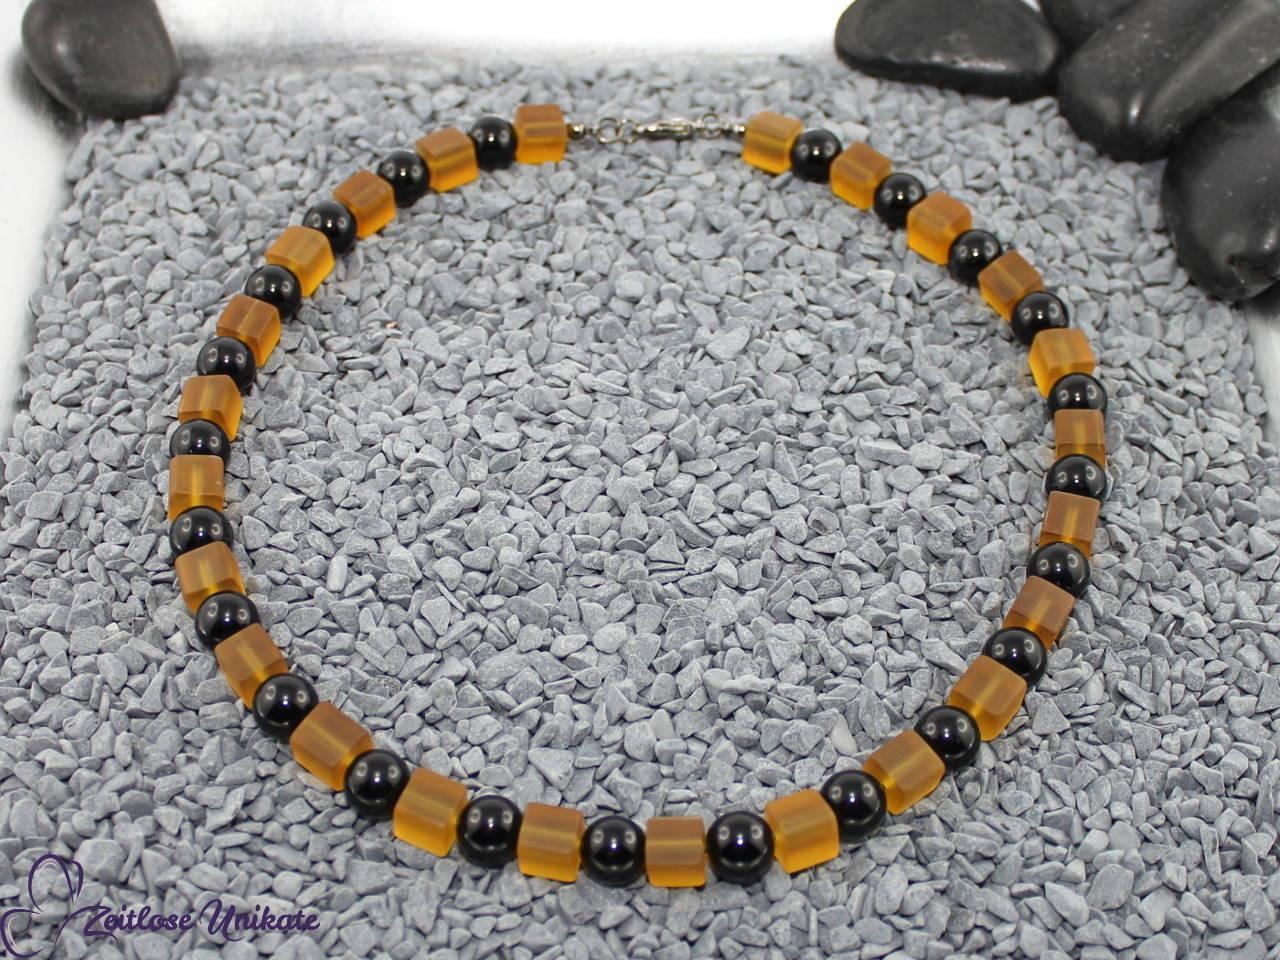 Collier in gelb und schwarz, einmalige Perlen